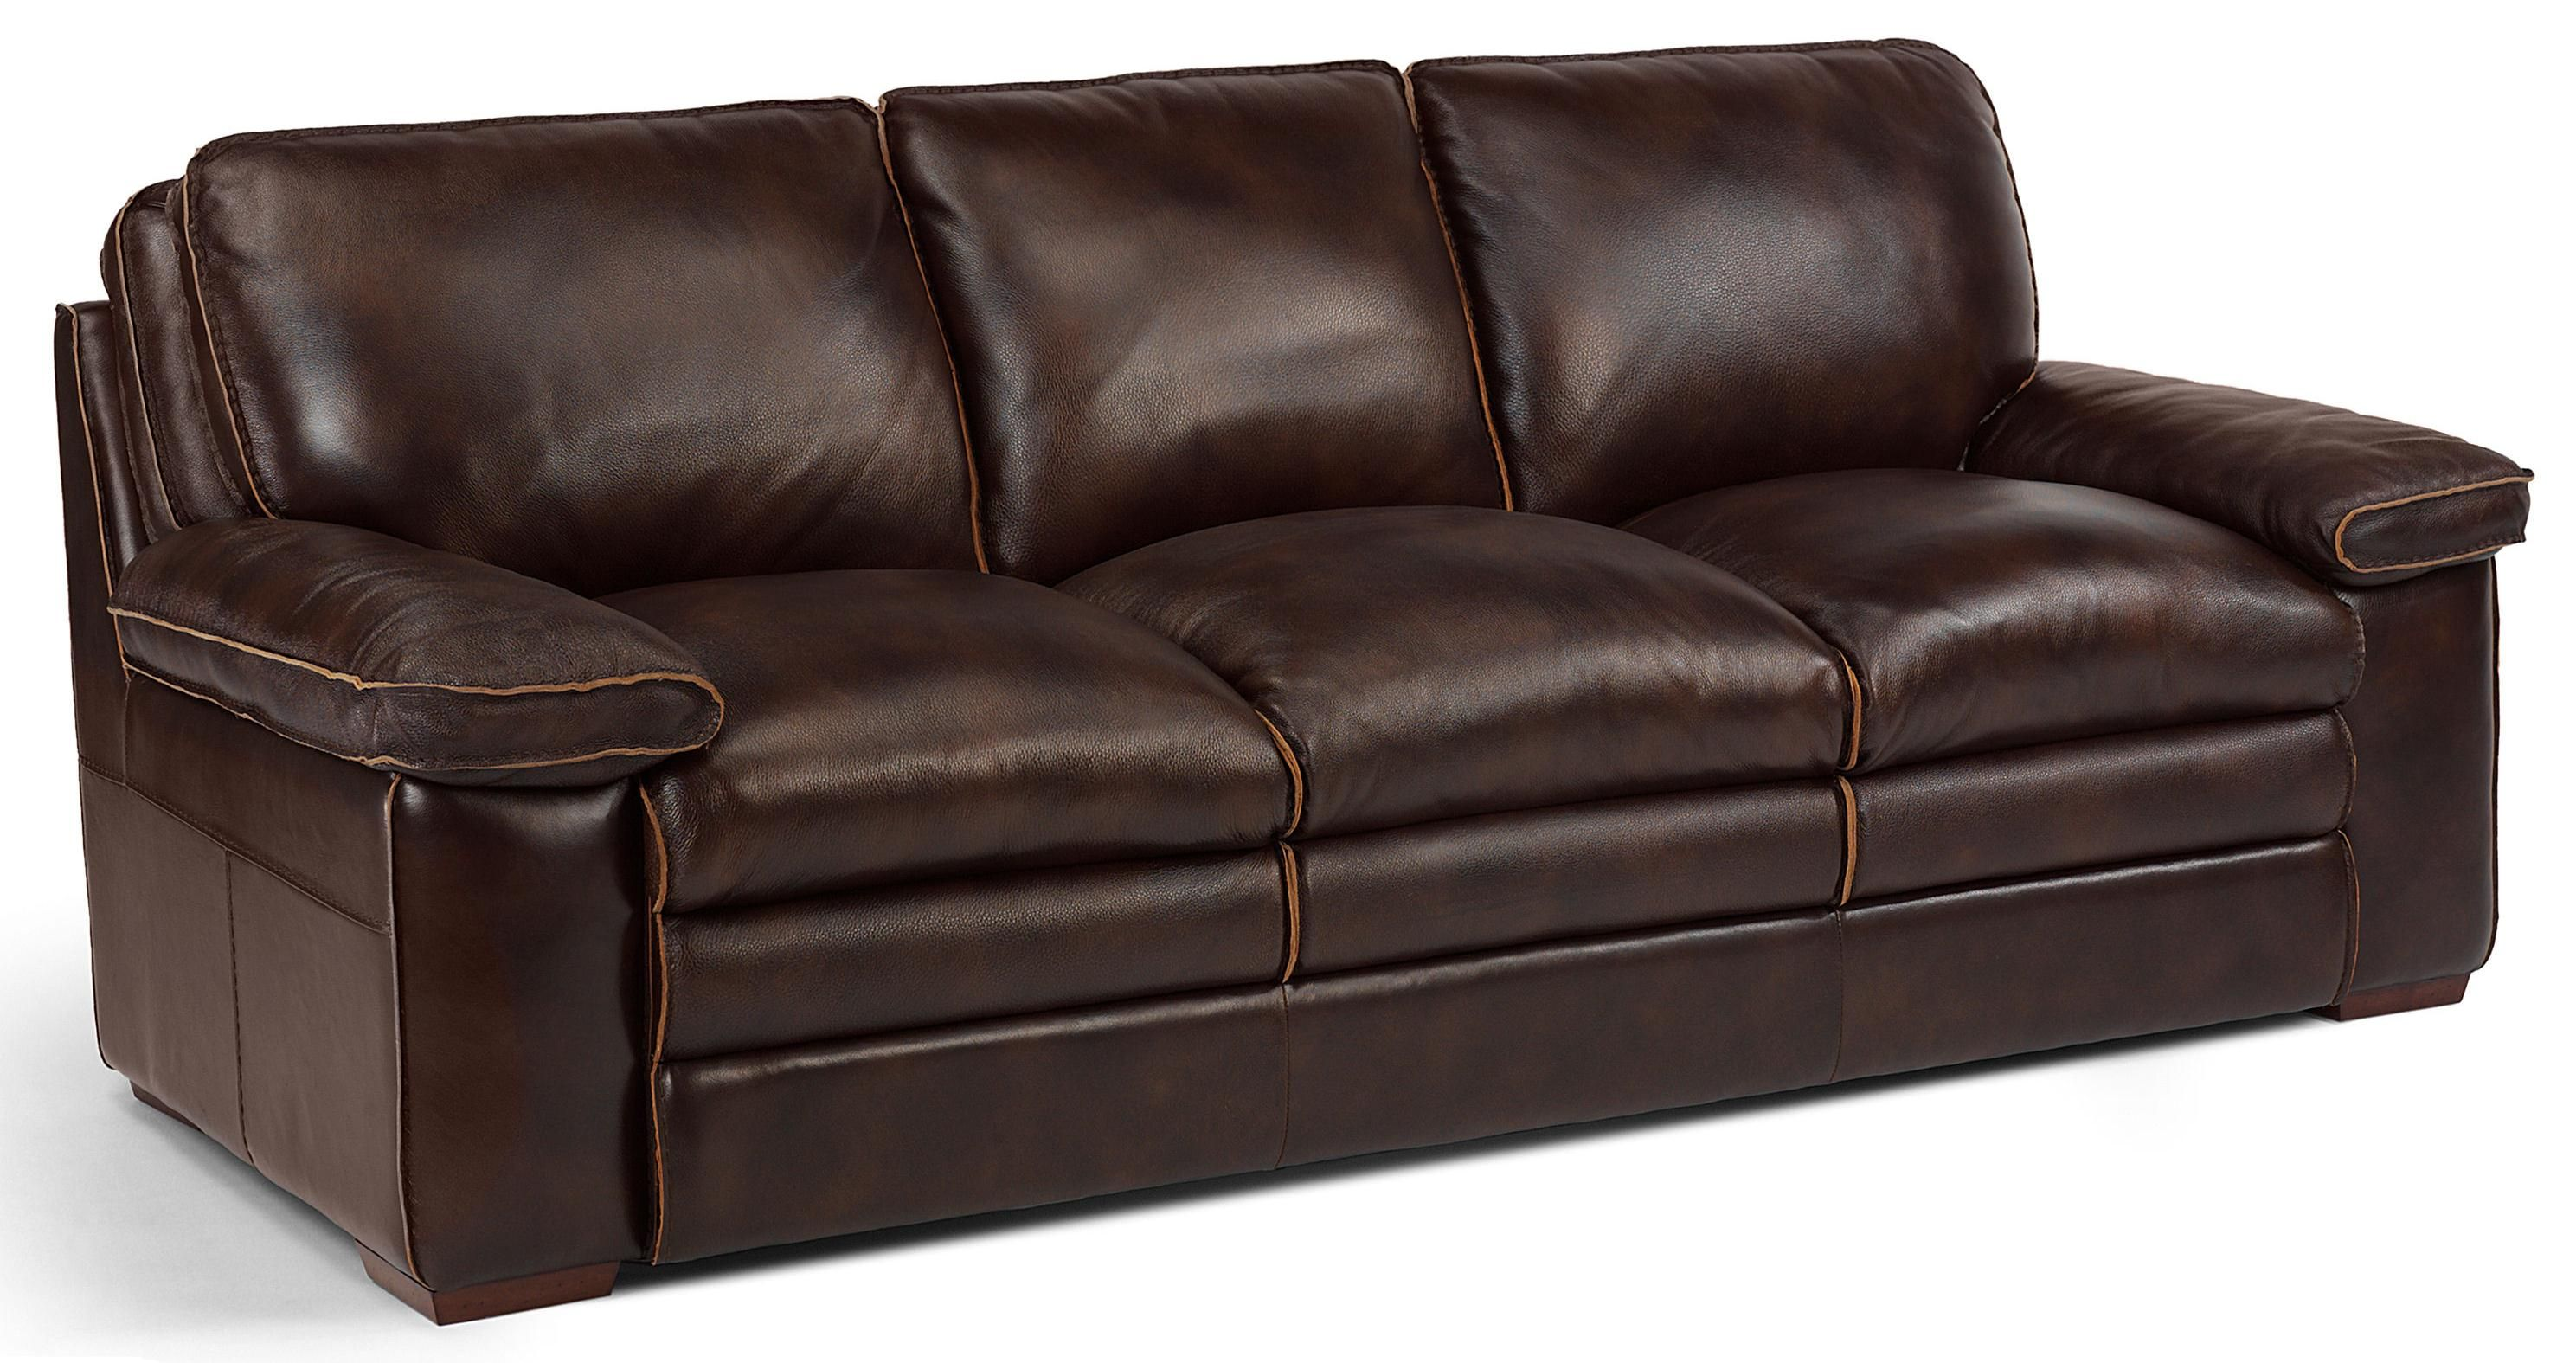 Latitudes Penthouse 660344646 Sofa By Flexsteel Flexsteel Furniture Furniture Prices Furniture